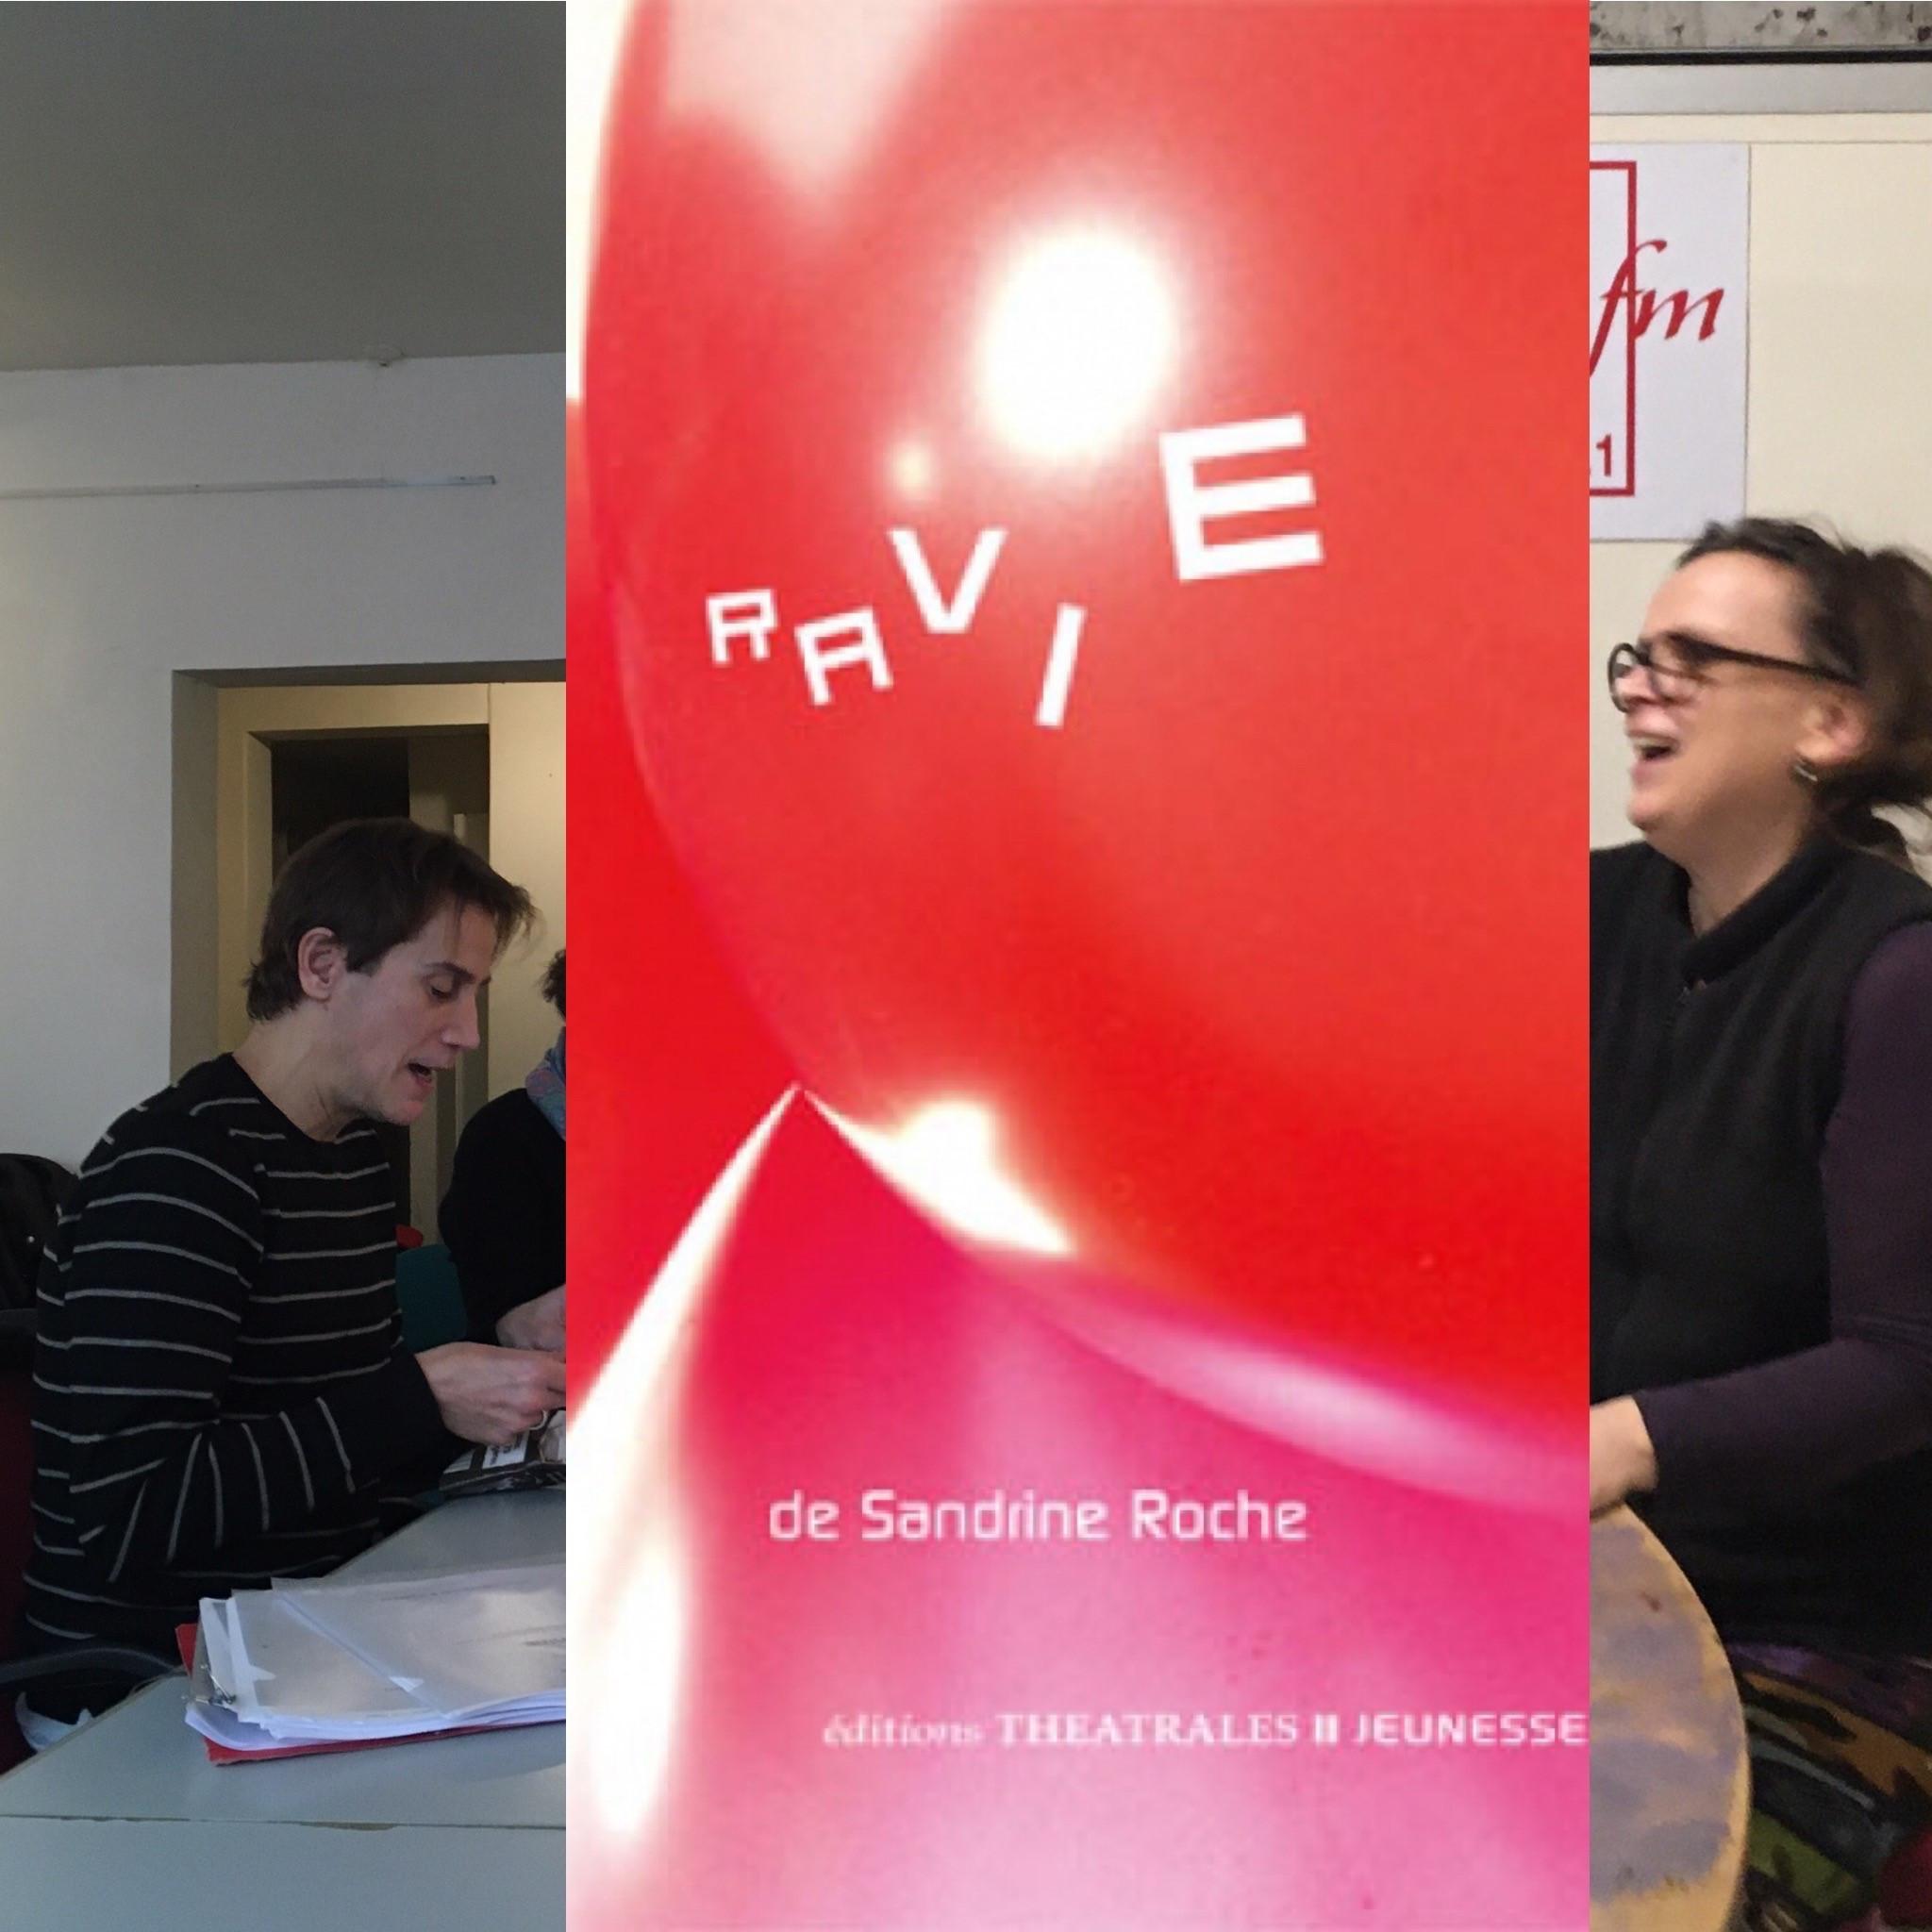 On dirait du théâtre #7 : Ravie de Sandrine Roche aux éditions Théâtrales jeunesse